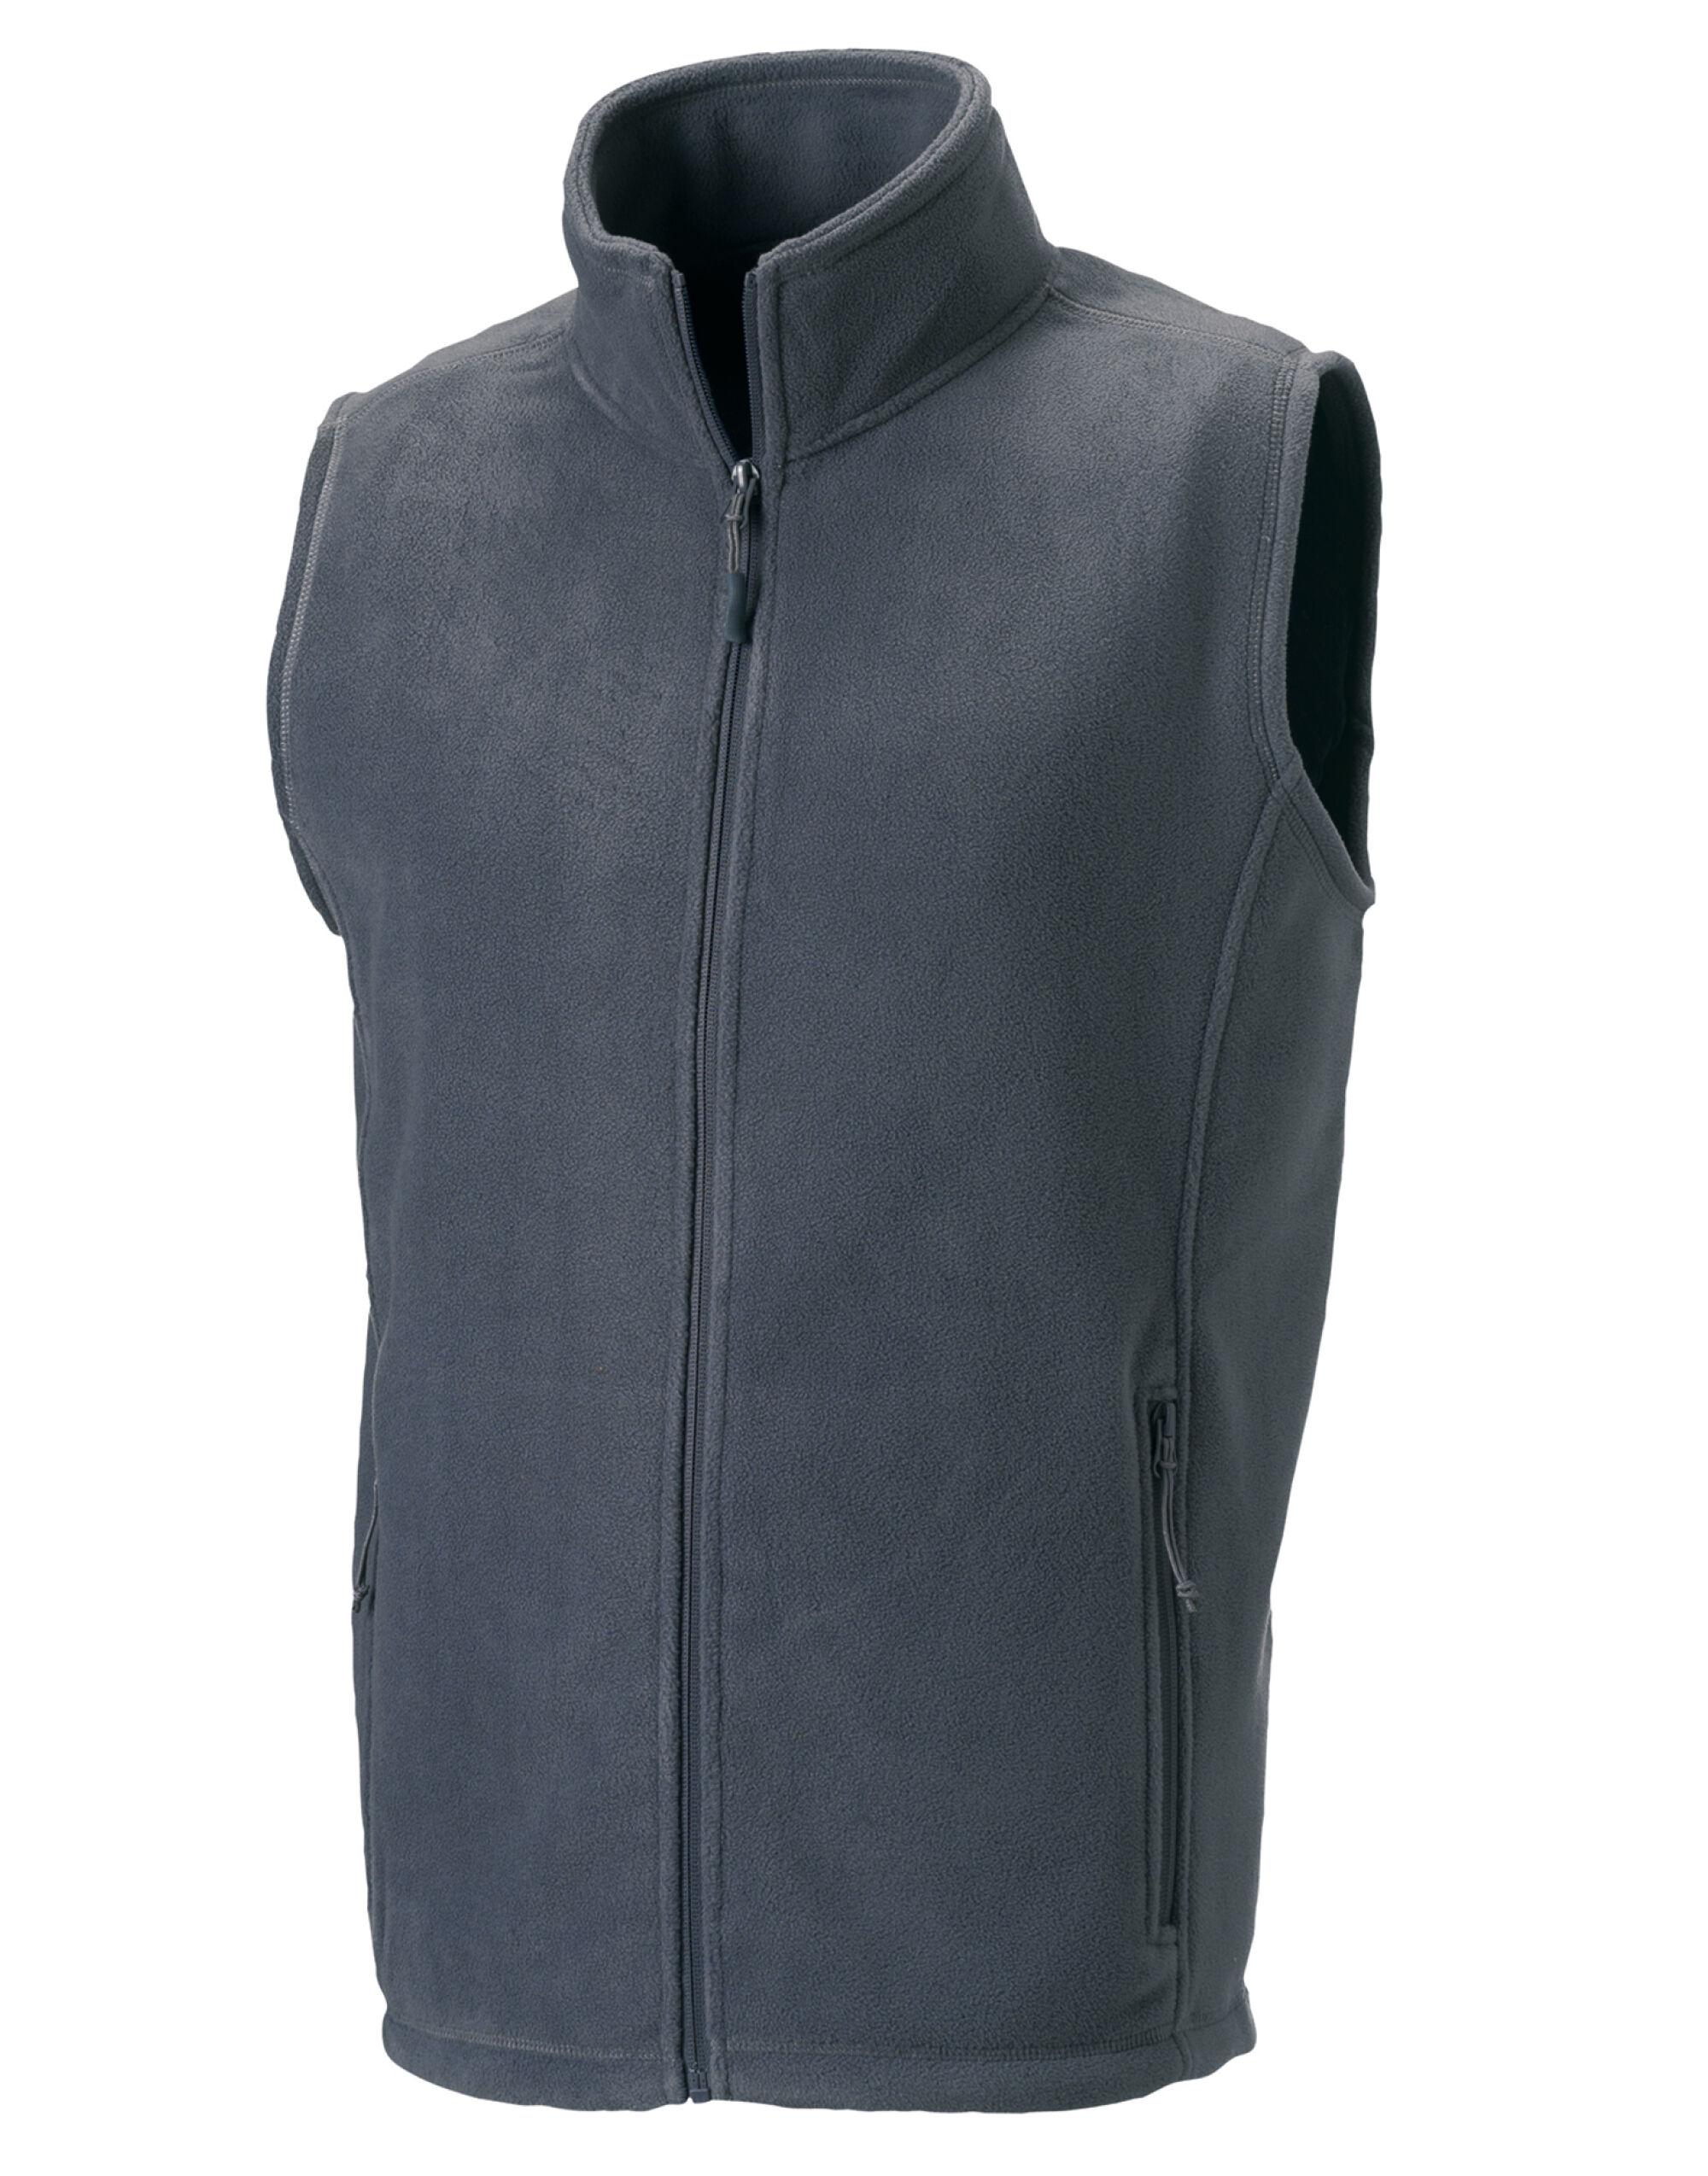 Men's Outdoor Fleece Gilet